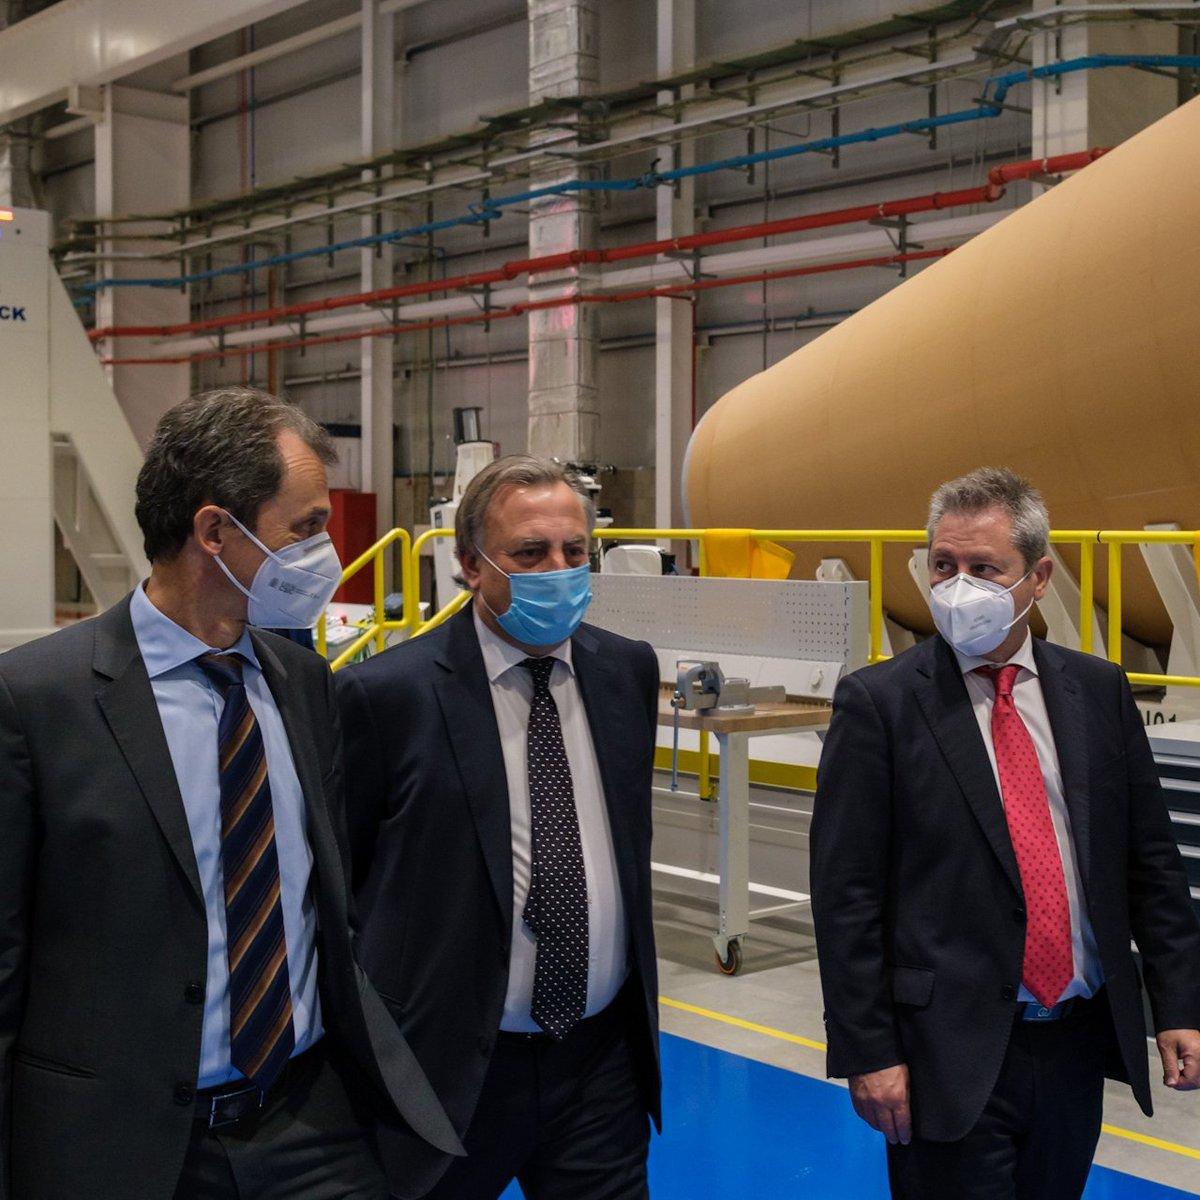 El sector espacial español ha demostrado su madurez y alta capacidad tecnológica, consiguiendo liderar sistemas espaciales completos. Hoy he visitado la nueva planta industrial de @Airbus en Getafe donde están fabricando importantes piezas del lanzador espacial Ariane 6.